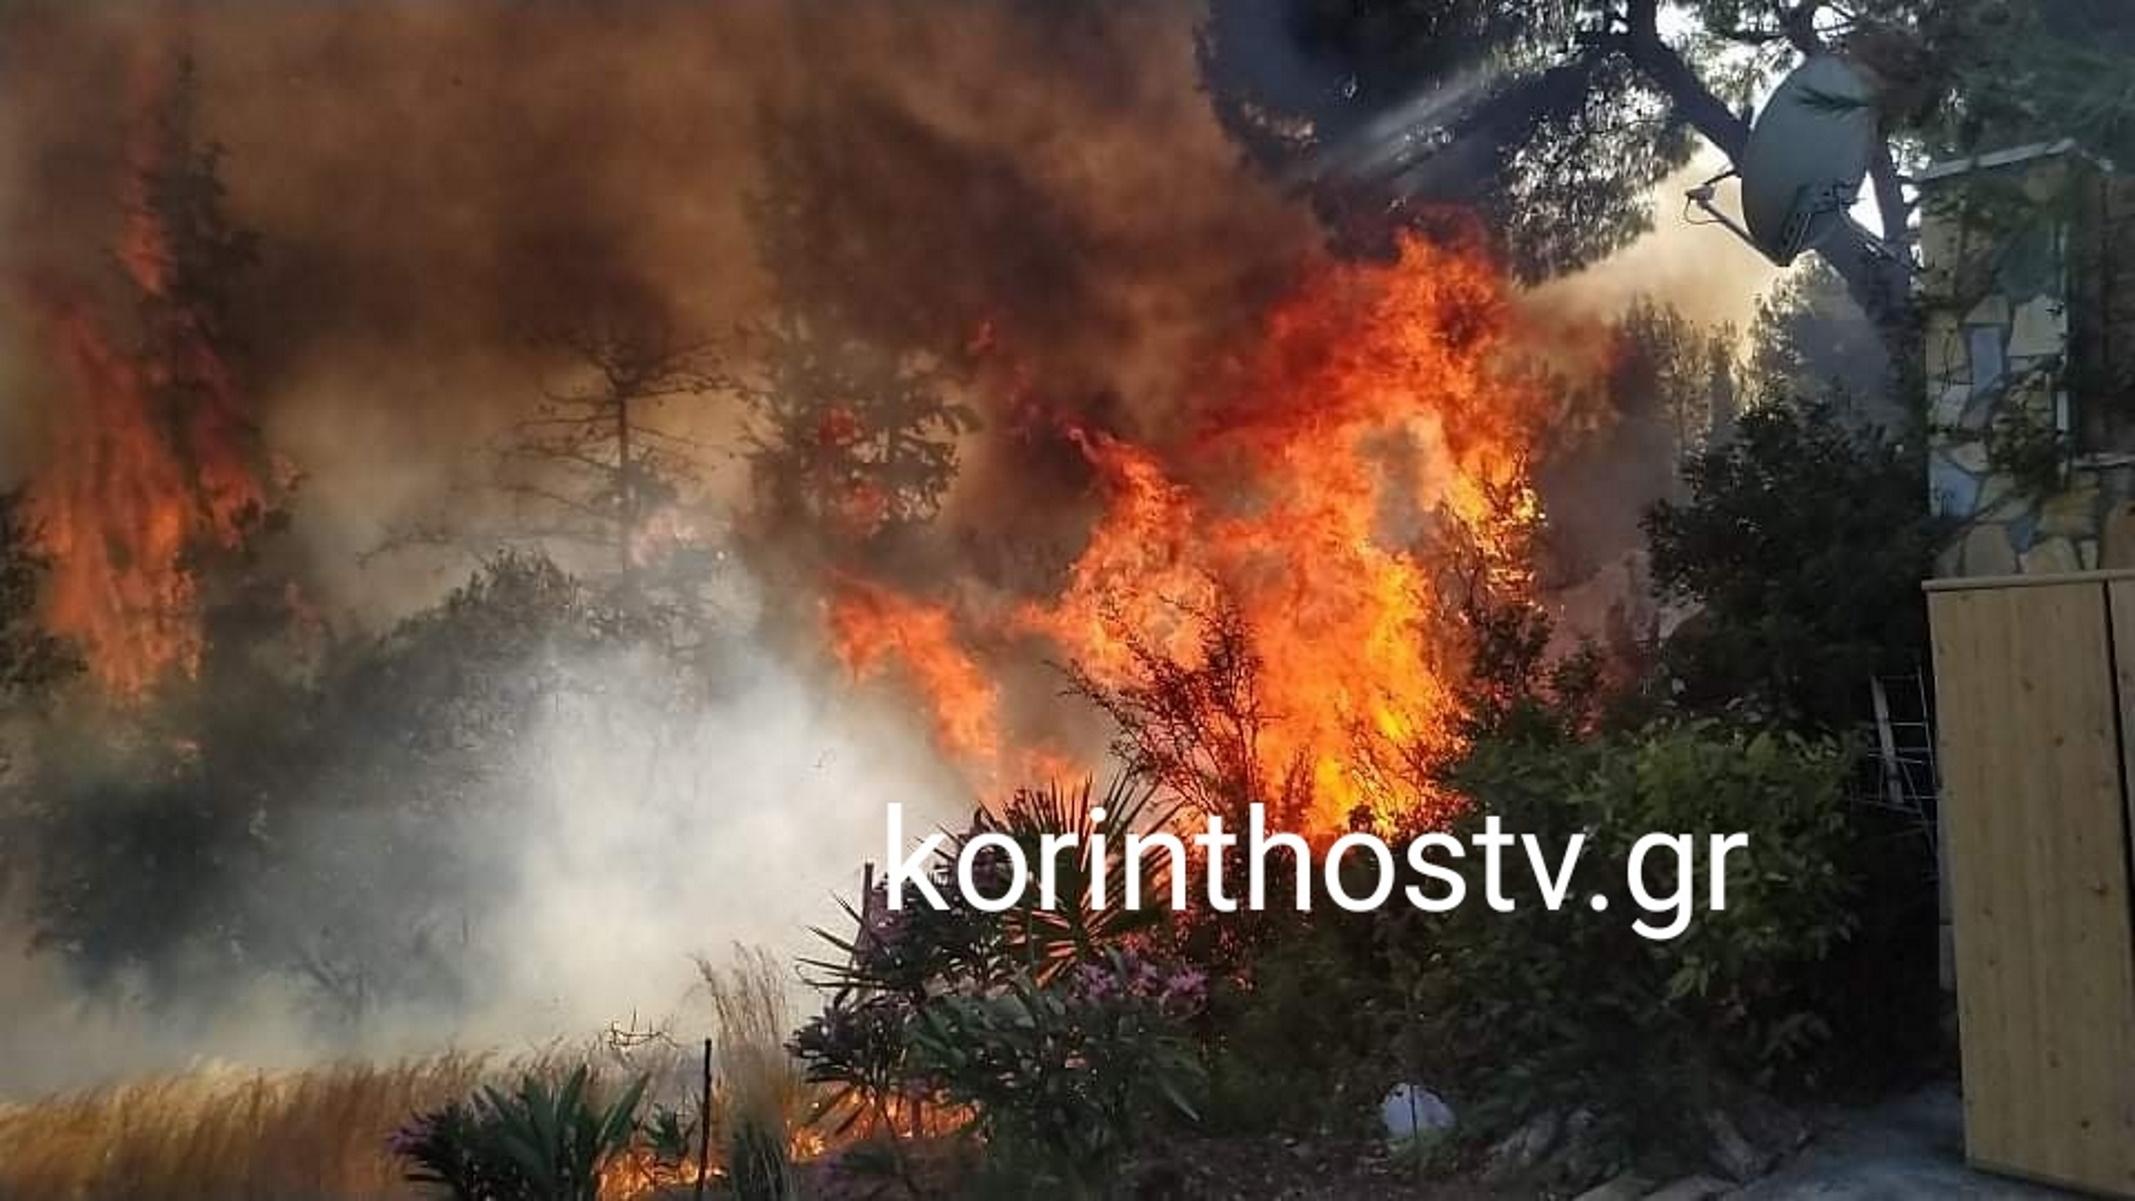 Μεγάλη φωτιά απειλεί σπίτια στα Ίσθμια Κορινθίας (pics, vid)